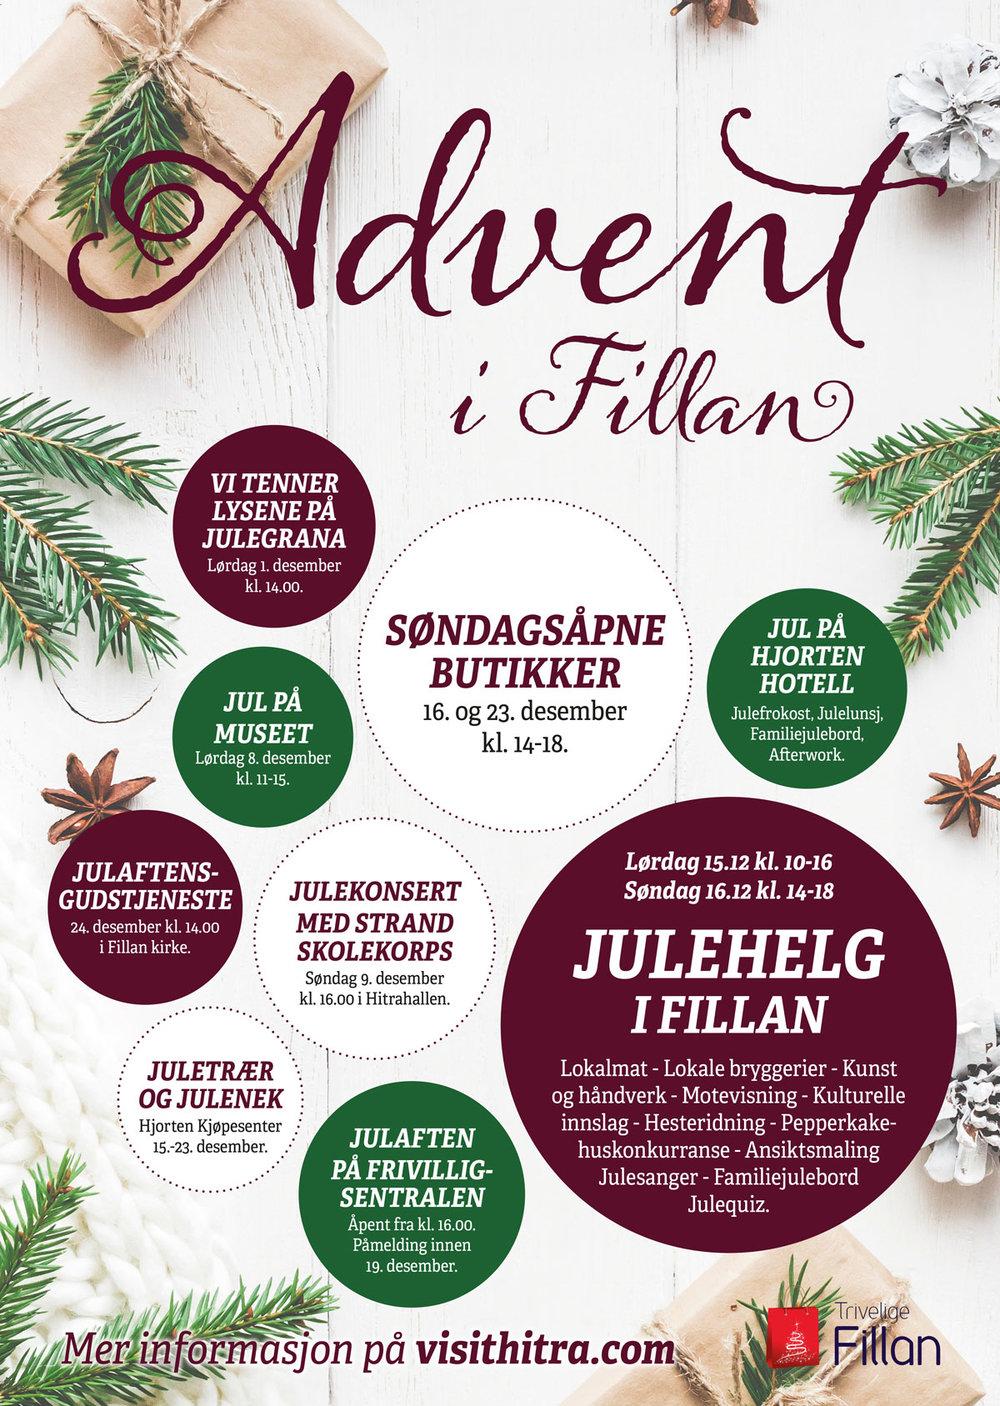 Advent-i-Fillan-2018-plakat.jpg